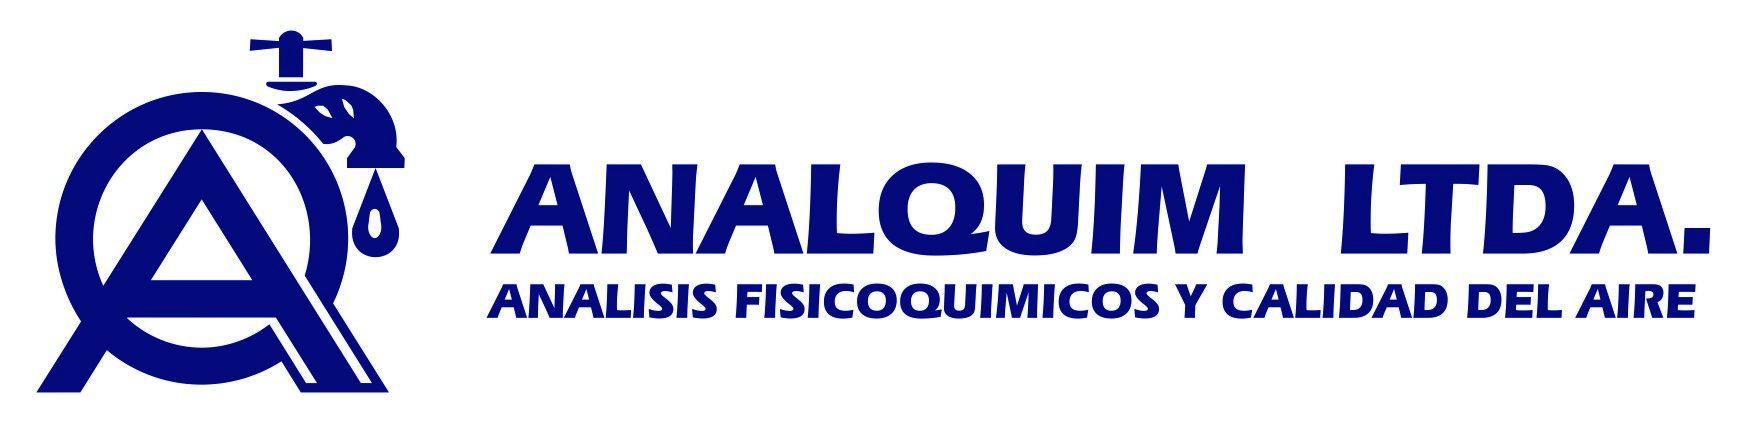 Analquim Ltda